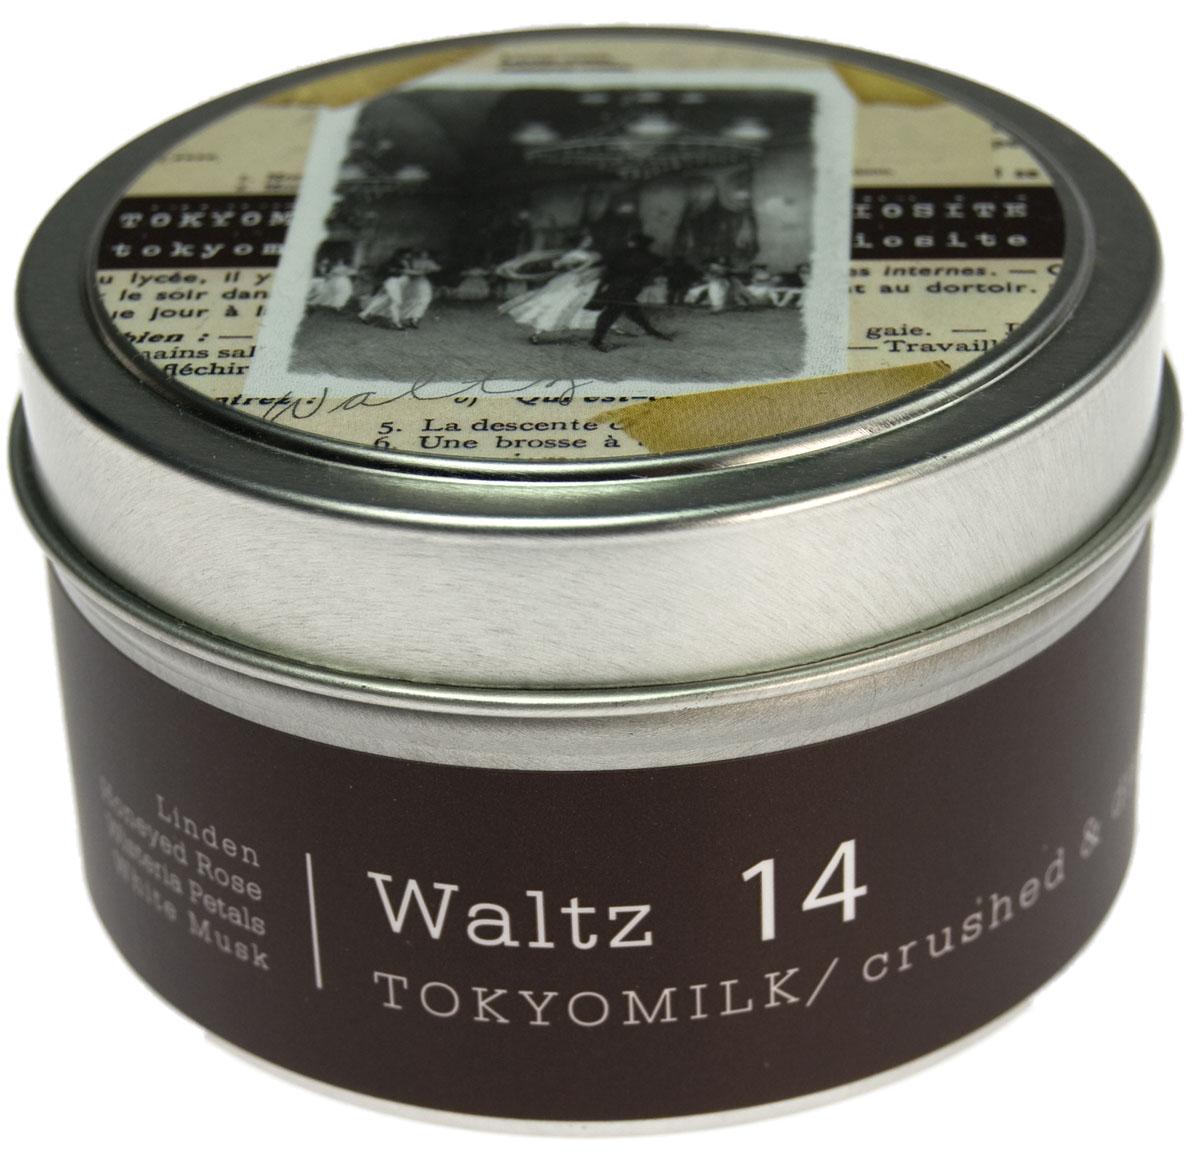 TokyoMilk Свеча ароматизированная Вальс, 163 гTKM16Q14Ароматическая свеча TokyoMilk Вальс сочетает в себе волшебные образы и изысканные ароматы оригинальной коллекции Parfumarie Curiosite, изготовлена из соевого воска и горит равномерно и долго. Благодаря удобной упаковке её можно взять с собой и воссоздать неповторимую атмосферу, где бы вы ни находились, даже в самых дальних путешествиях. Изысканная игра: липа, медовая роза, лепестки глицинии и белый мускус.